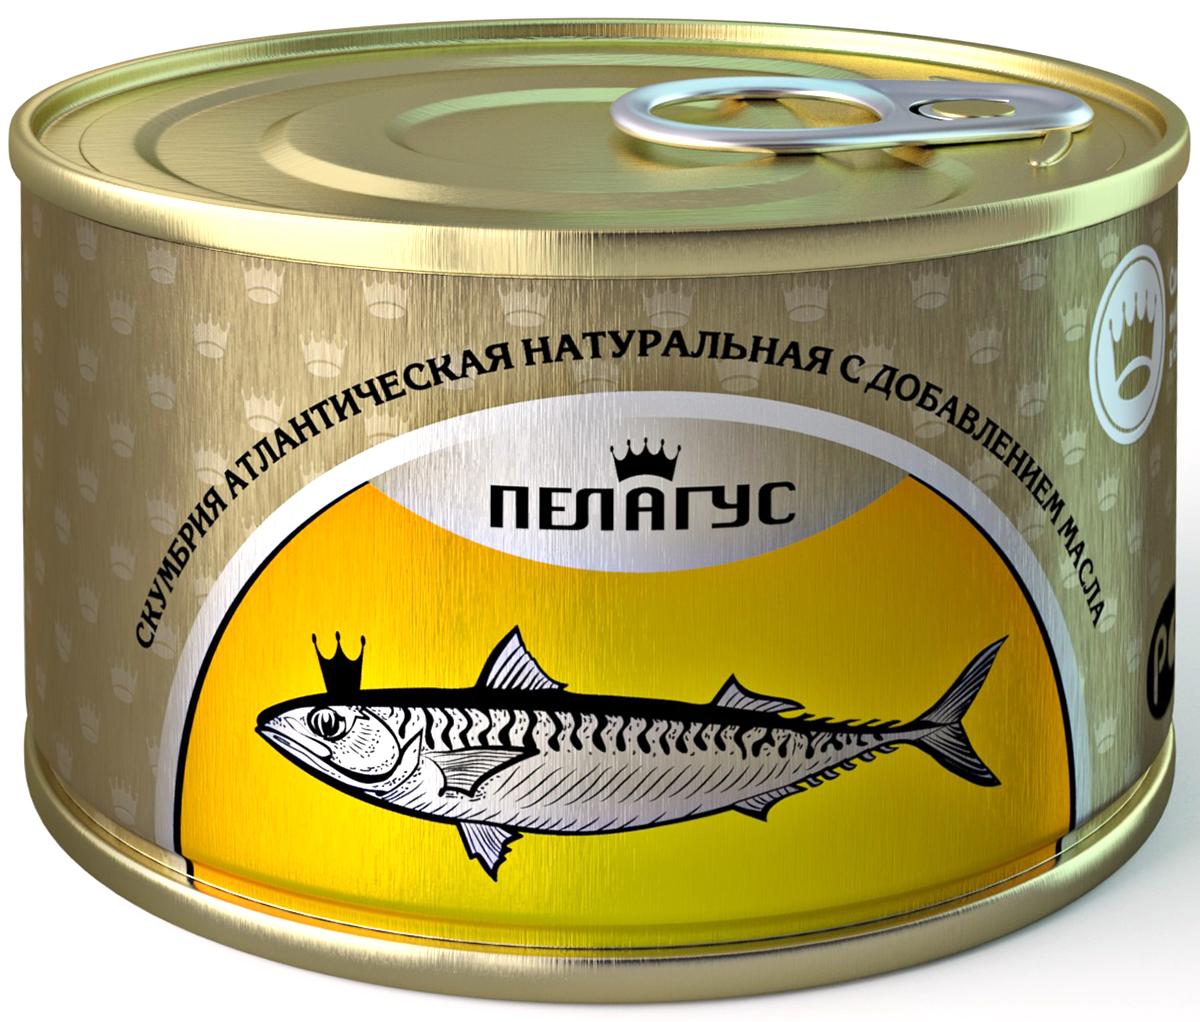 Пелагус скумбрия атлантическая натуральная с добавлением масла №5, 230 г скумбрия натуральная с маслом фишерель 250г